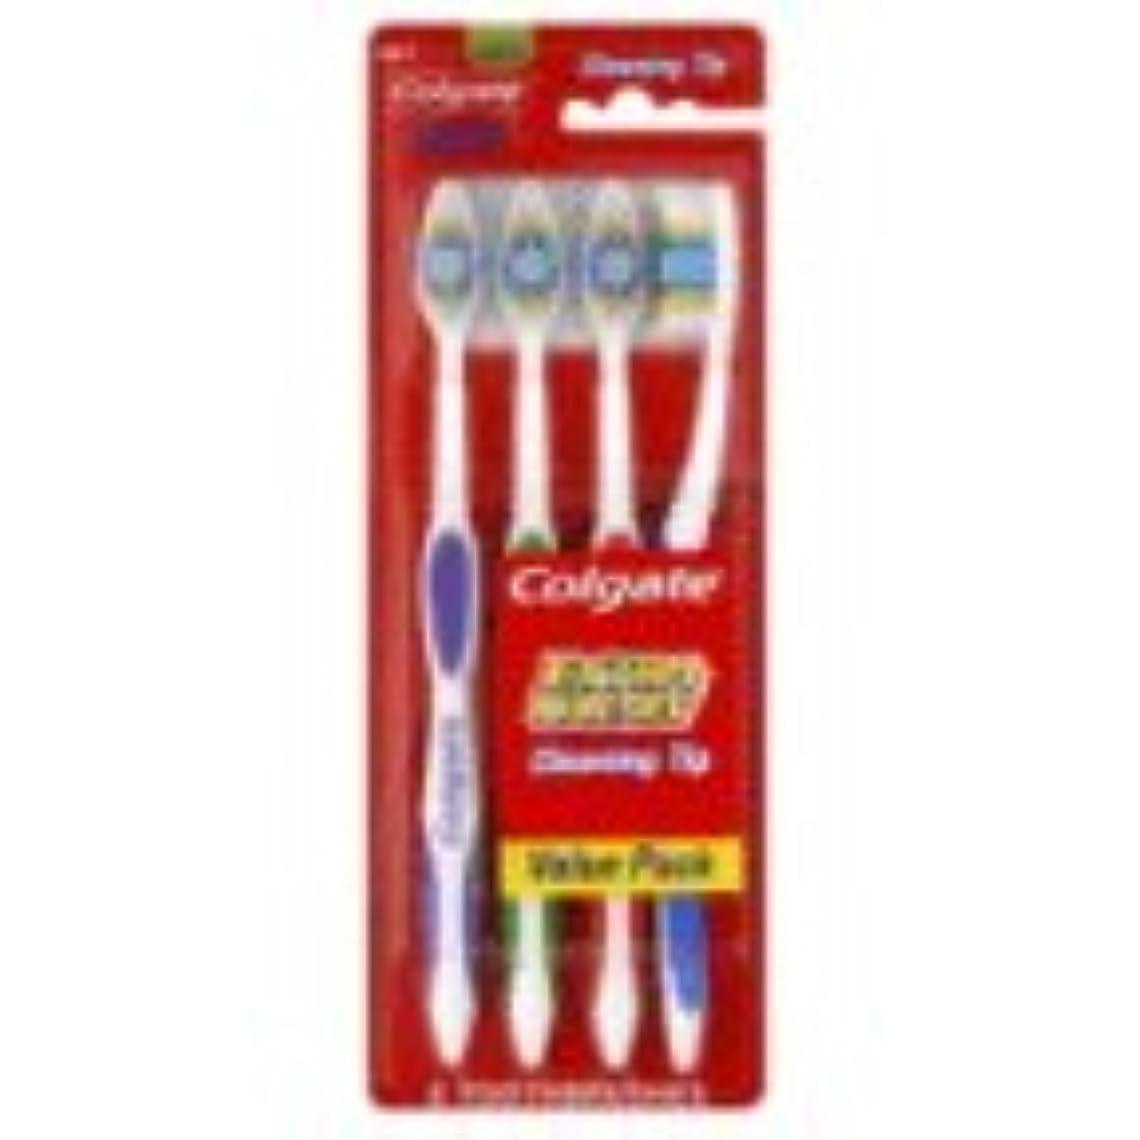 小麦粉幽霊申請中Colgate 歯ブラシ、完全な頭部、メッド441、バリューパック4 CT(6パック)